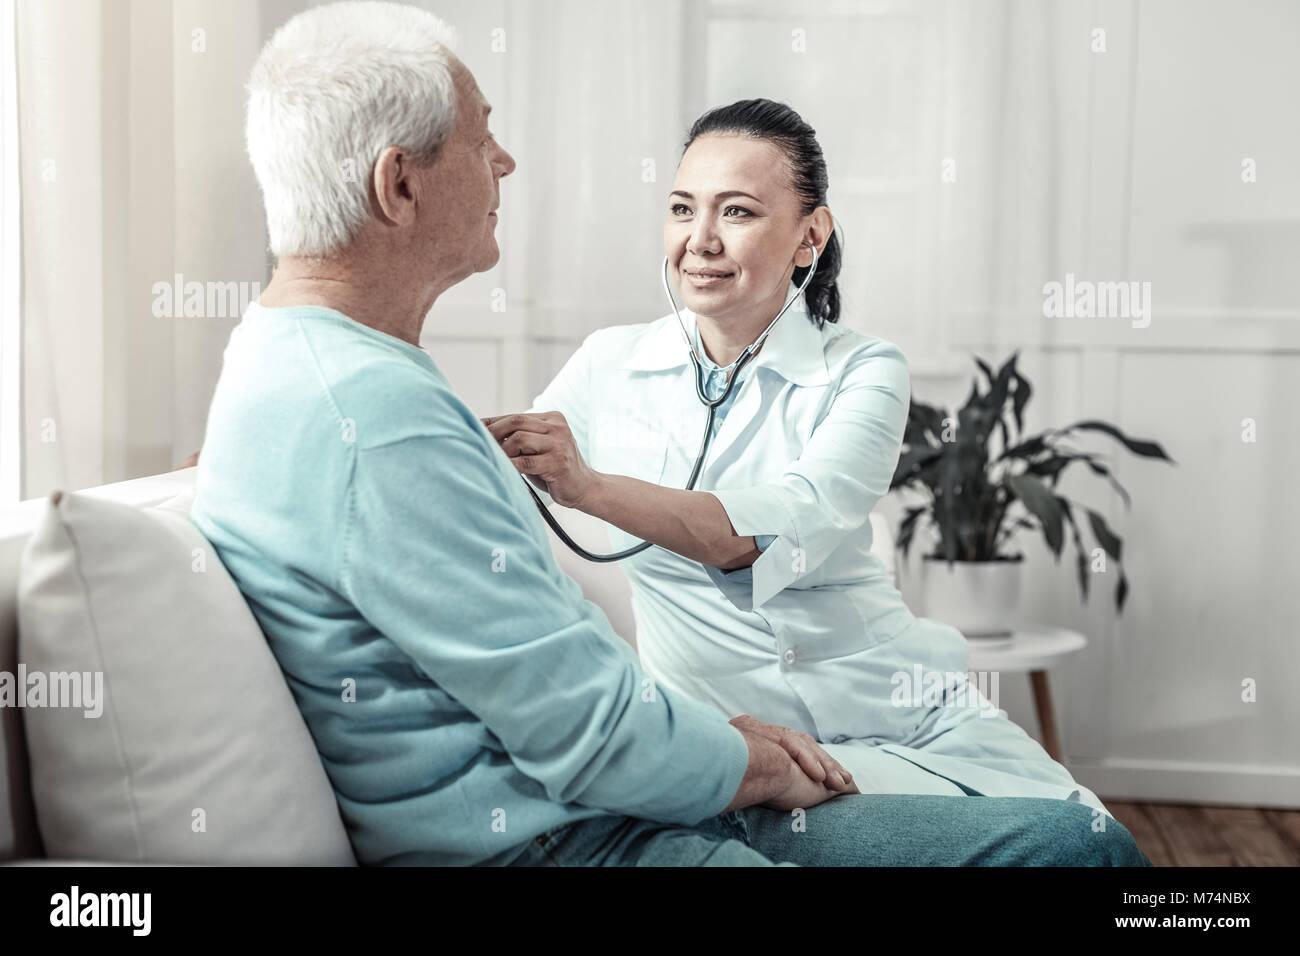 Giovani esperti seduta infermiere e ascoltando i polmoni di pazienti. Immagini Stock